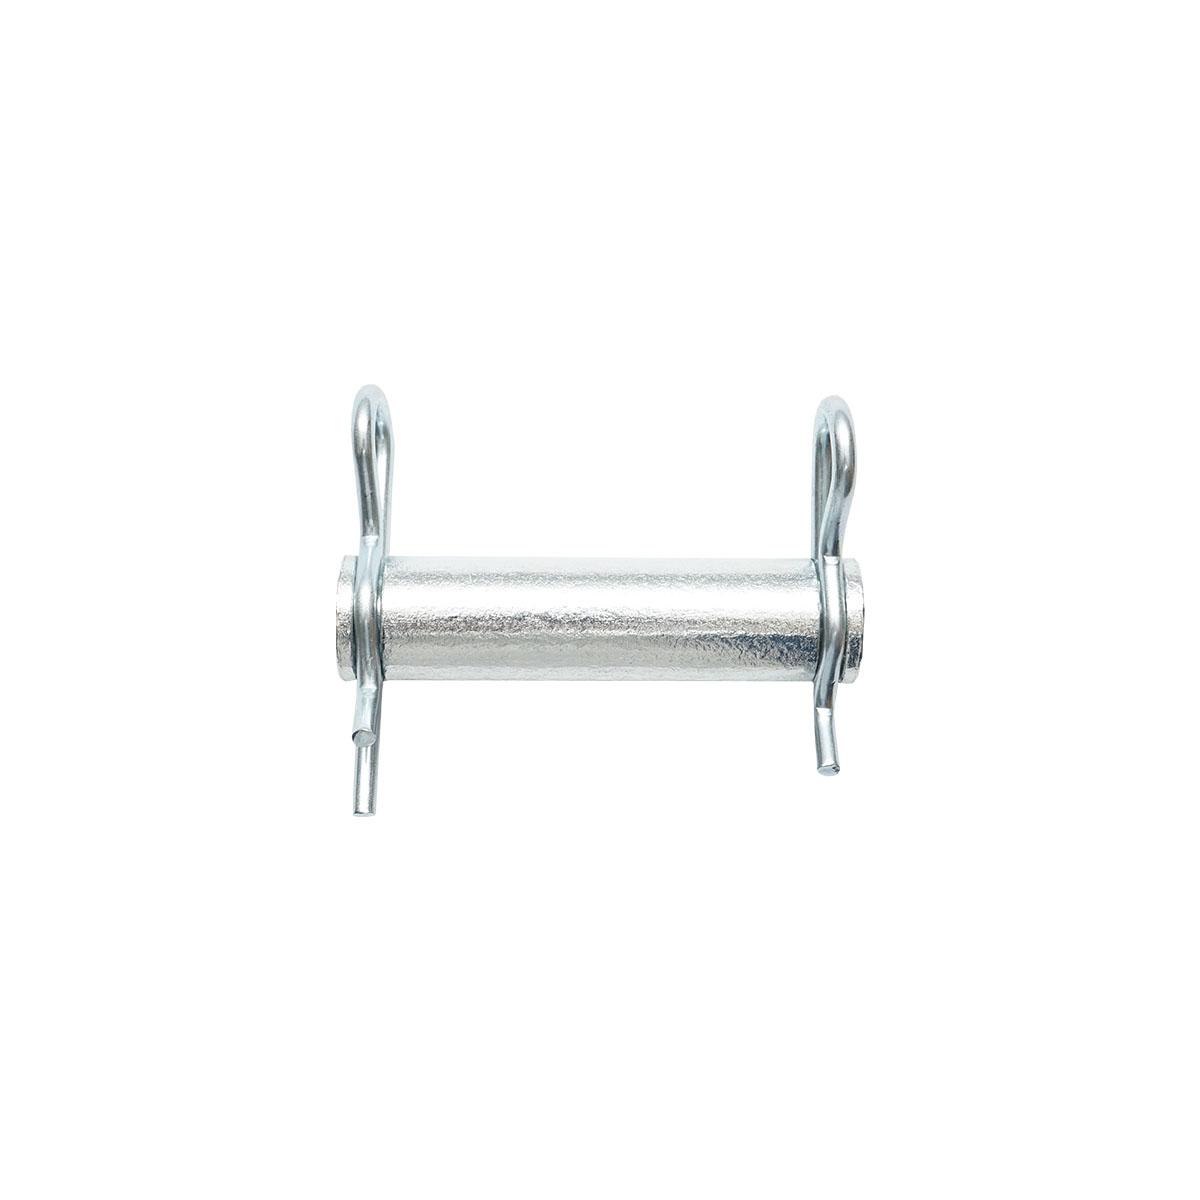 Bolt de siguranta cilindru forta fi100 U-650 L=105,5 mm